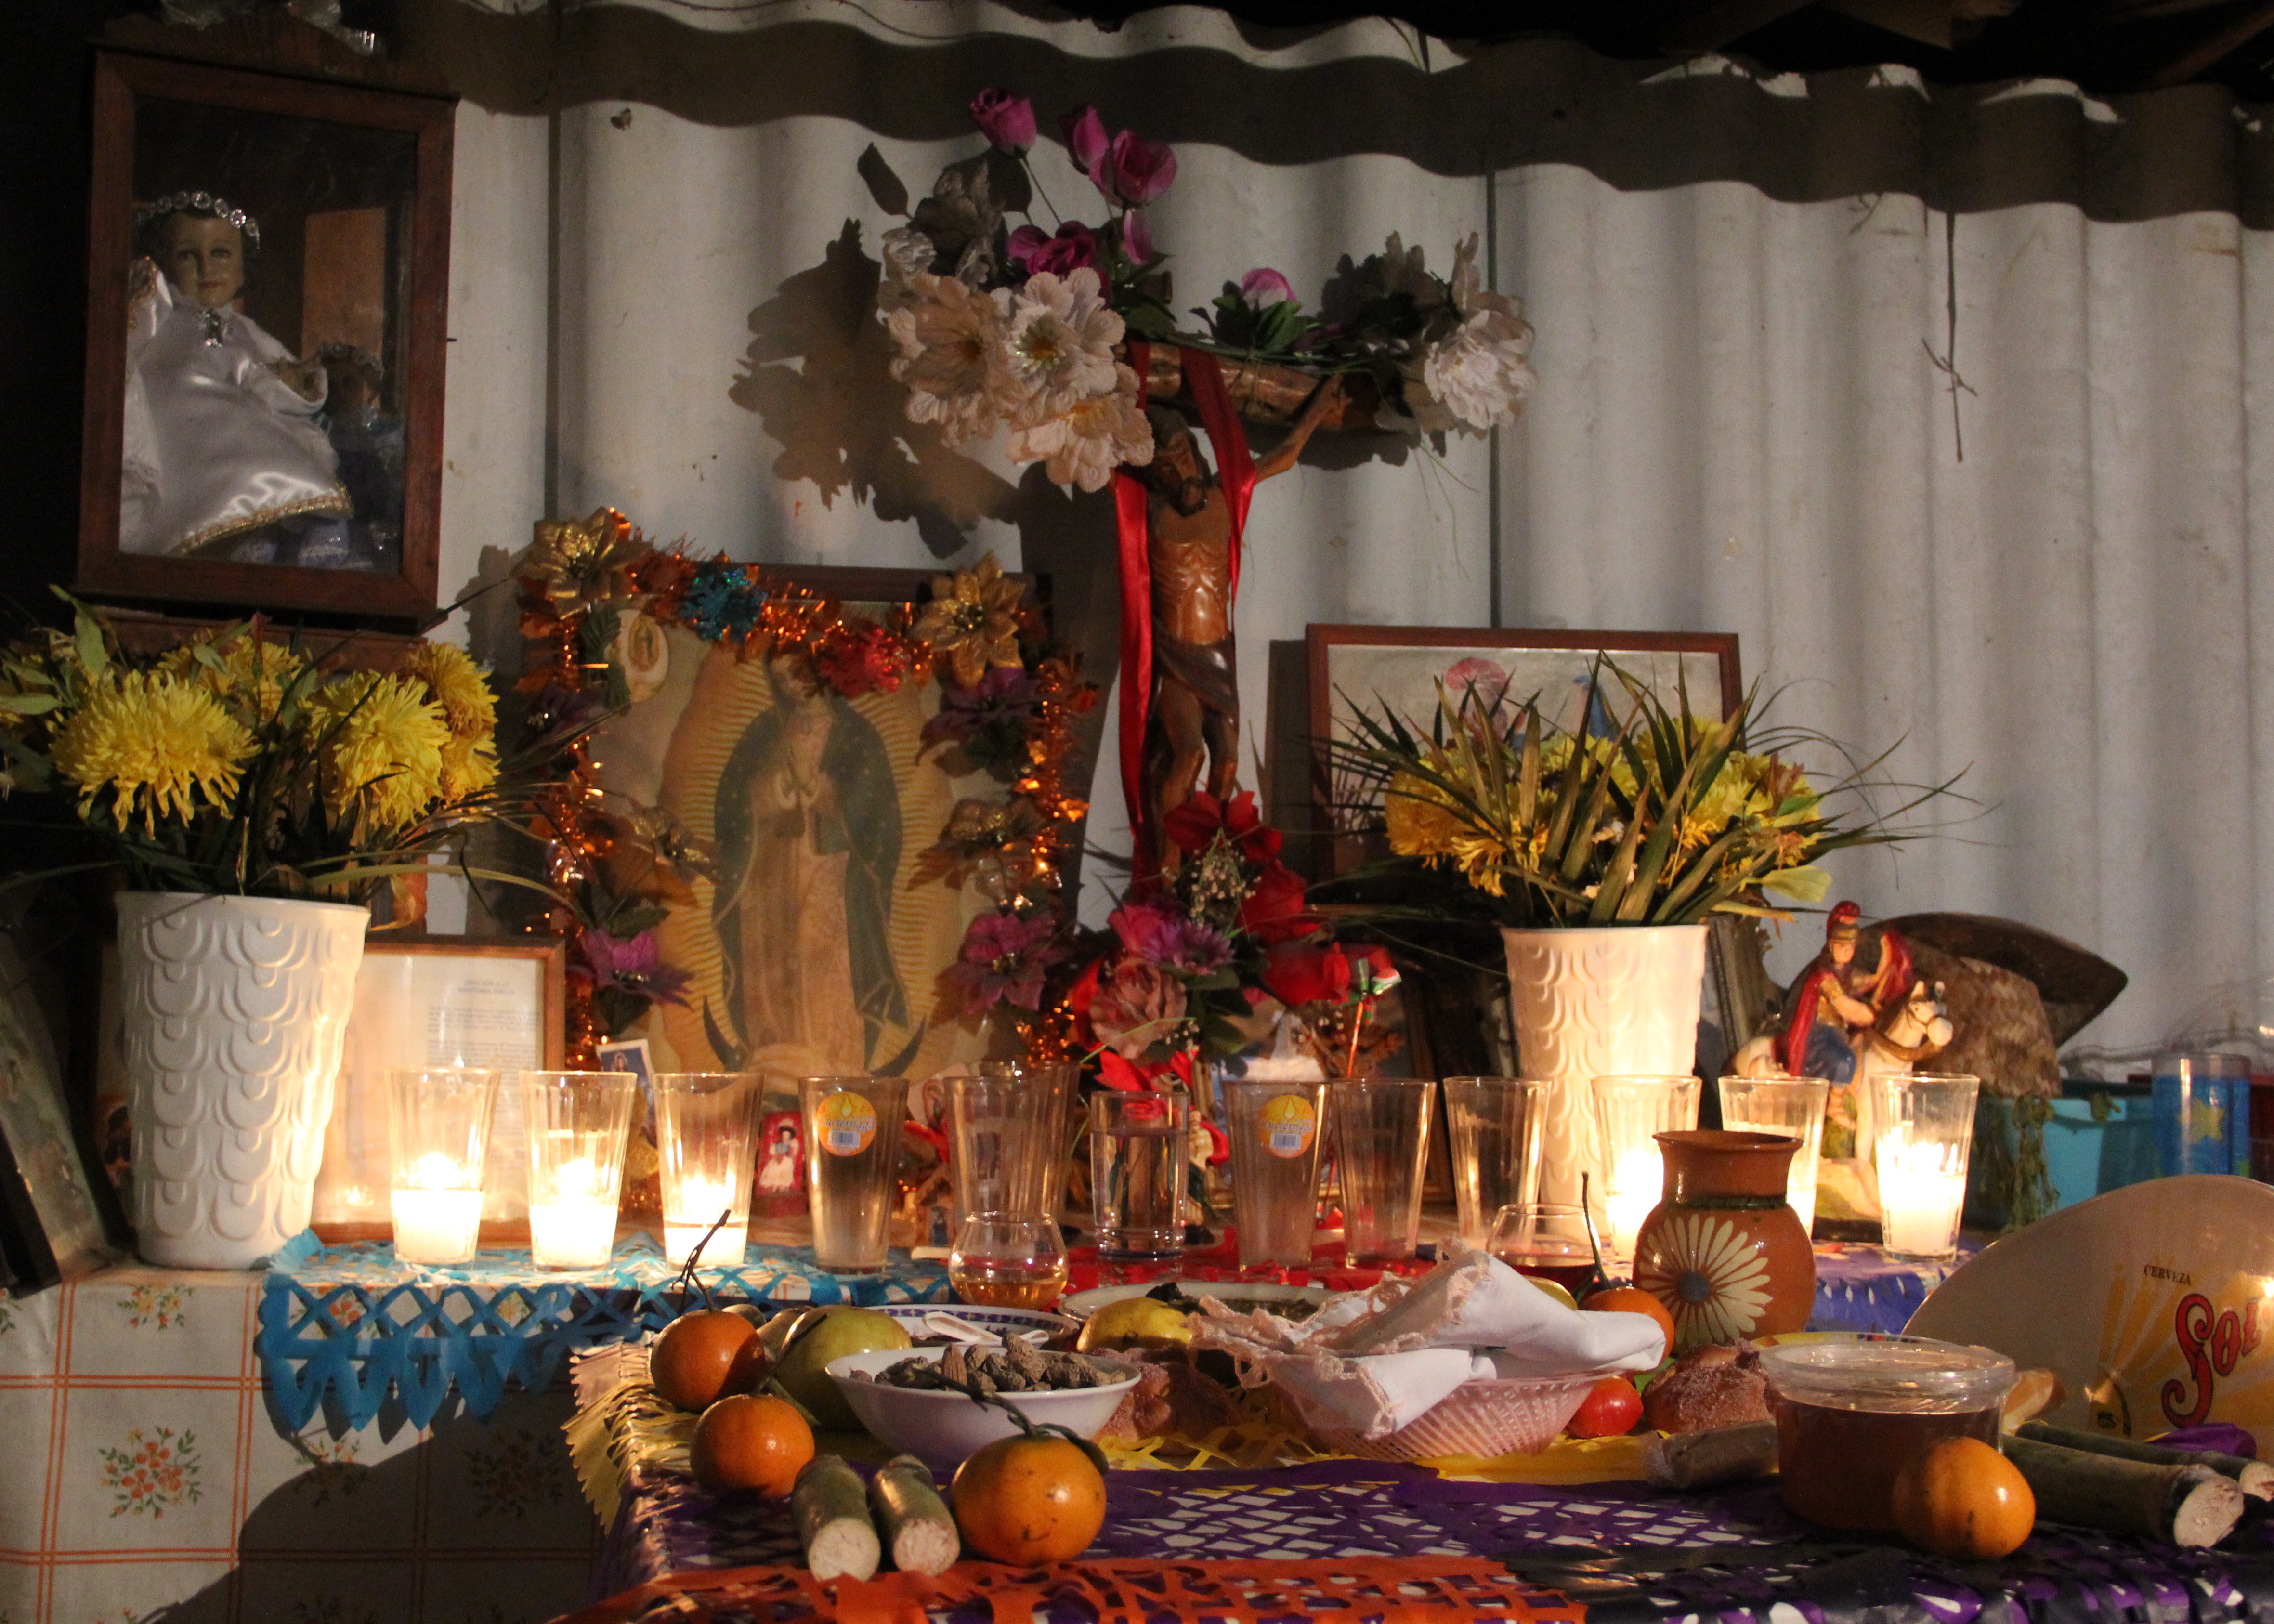 Die Jungfrau von Guadalupe, Pulque-Gläser und Früchte: Ein Altar zum «Tag der Toten» in einer Kneipe.